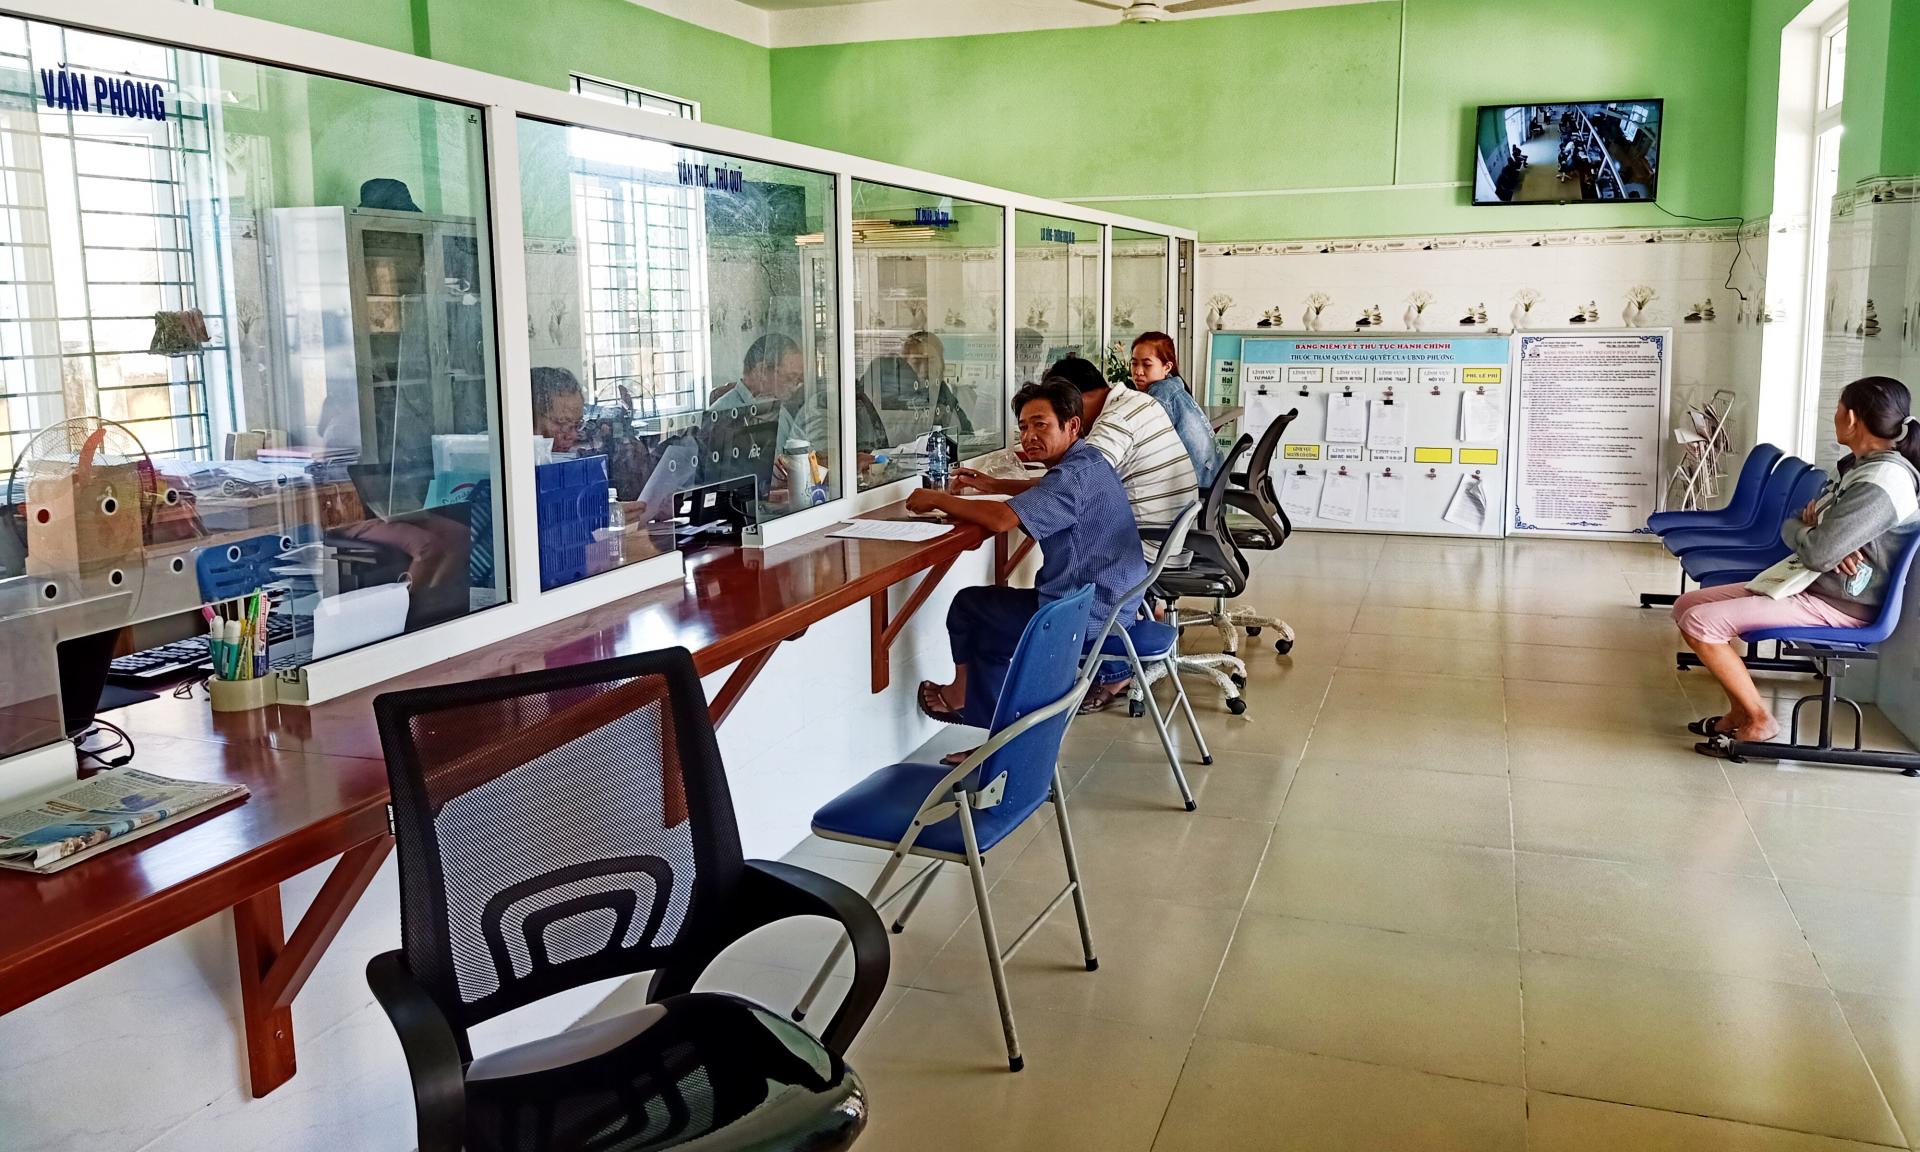 Phường Điện Nam Trung: Luôn chú trọng làm tốt công tác cải cách hành chính